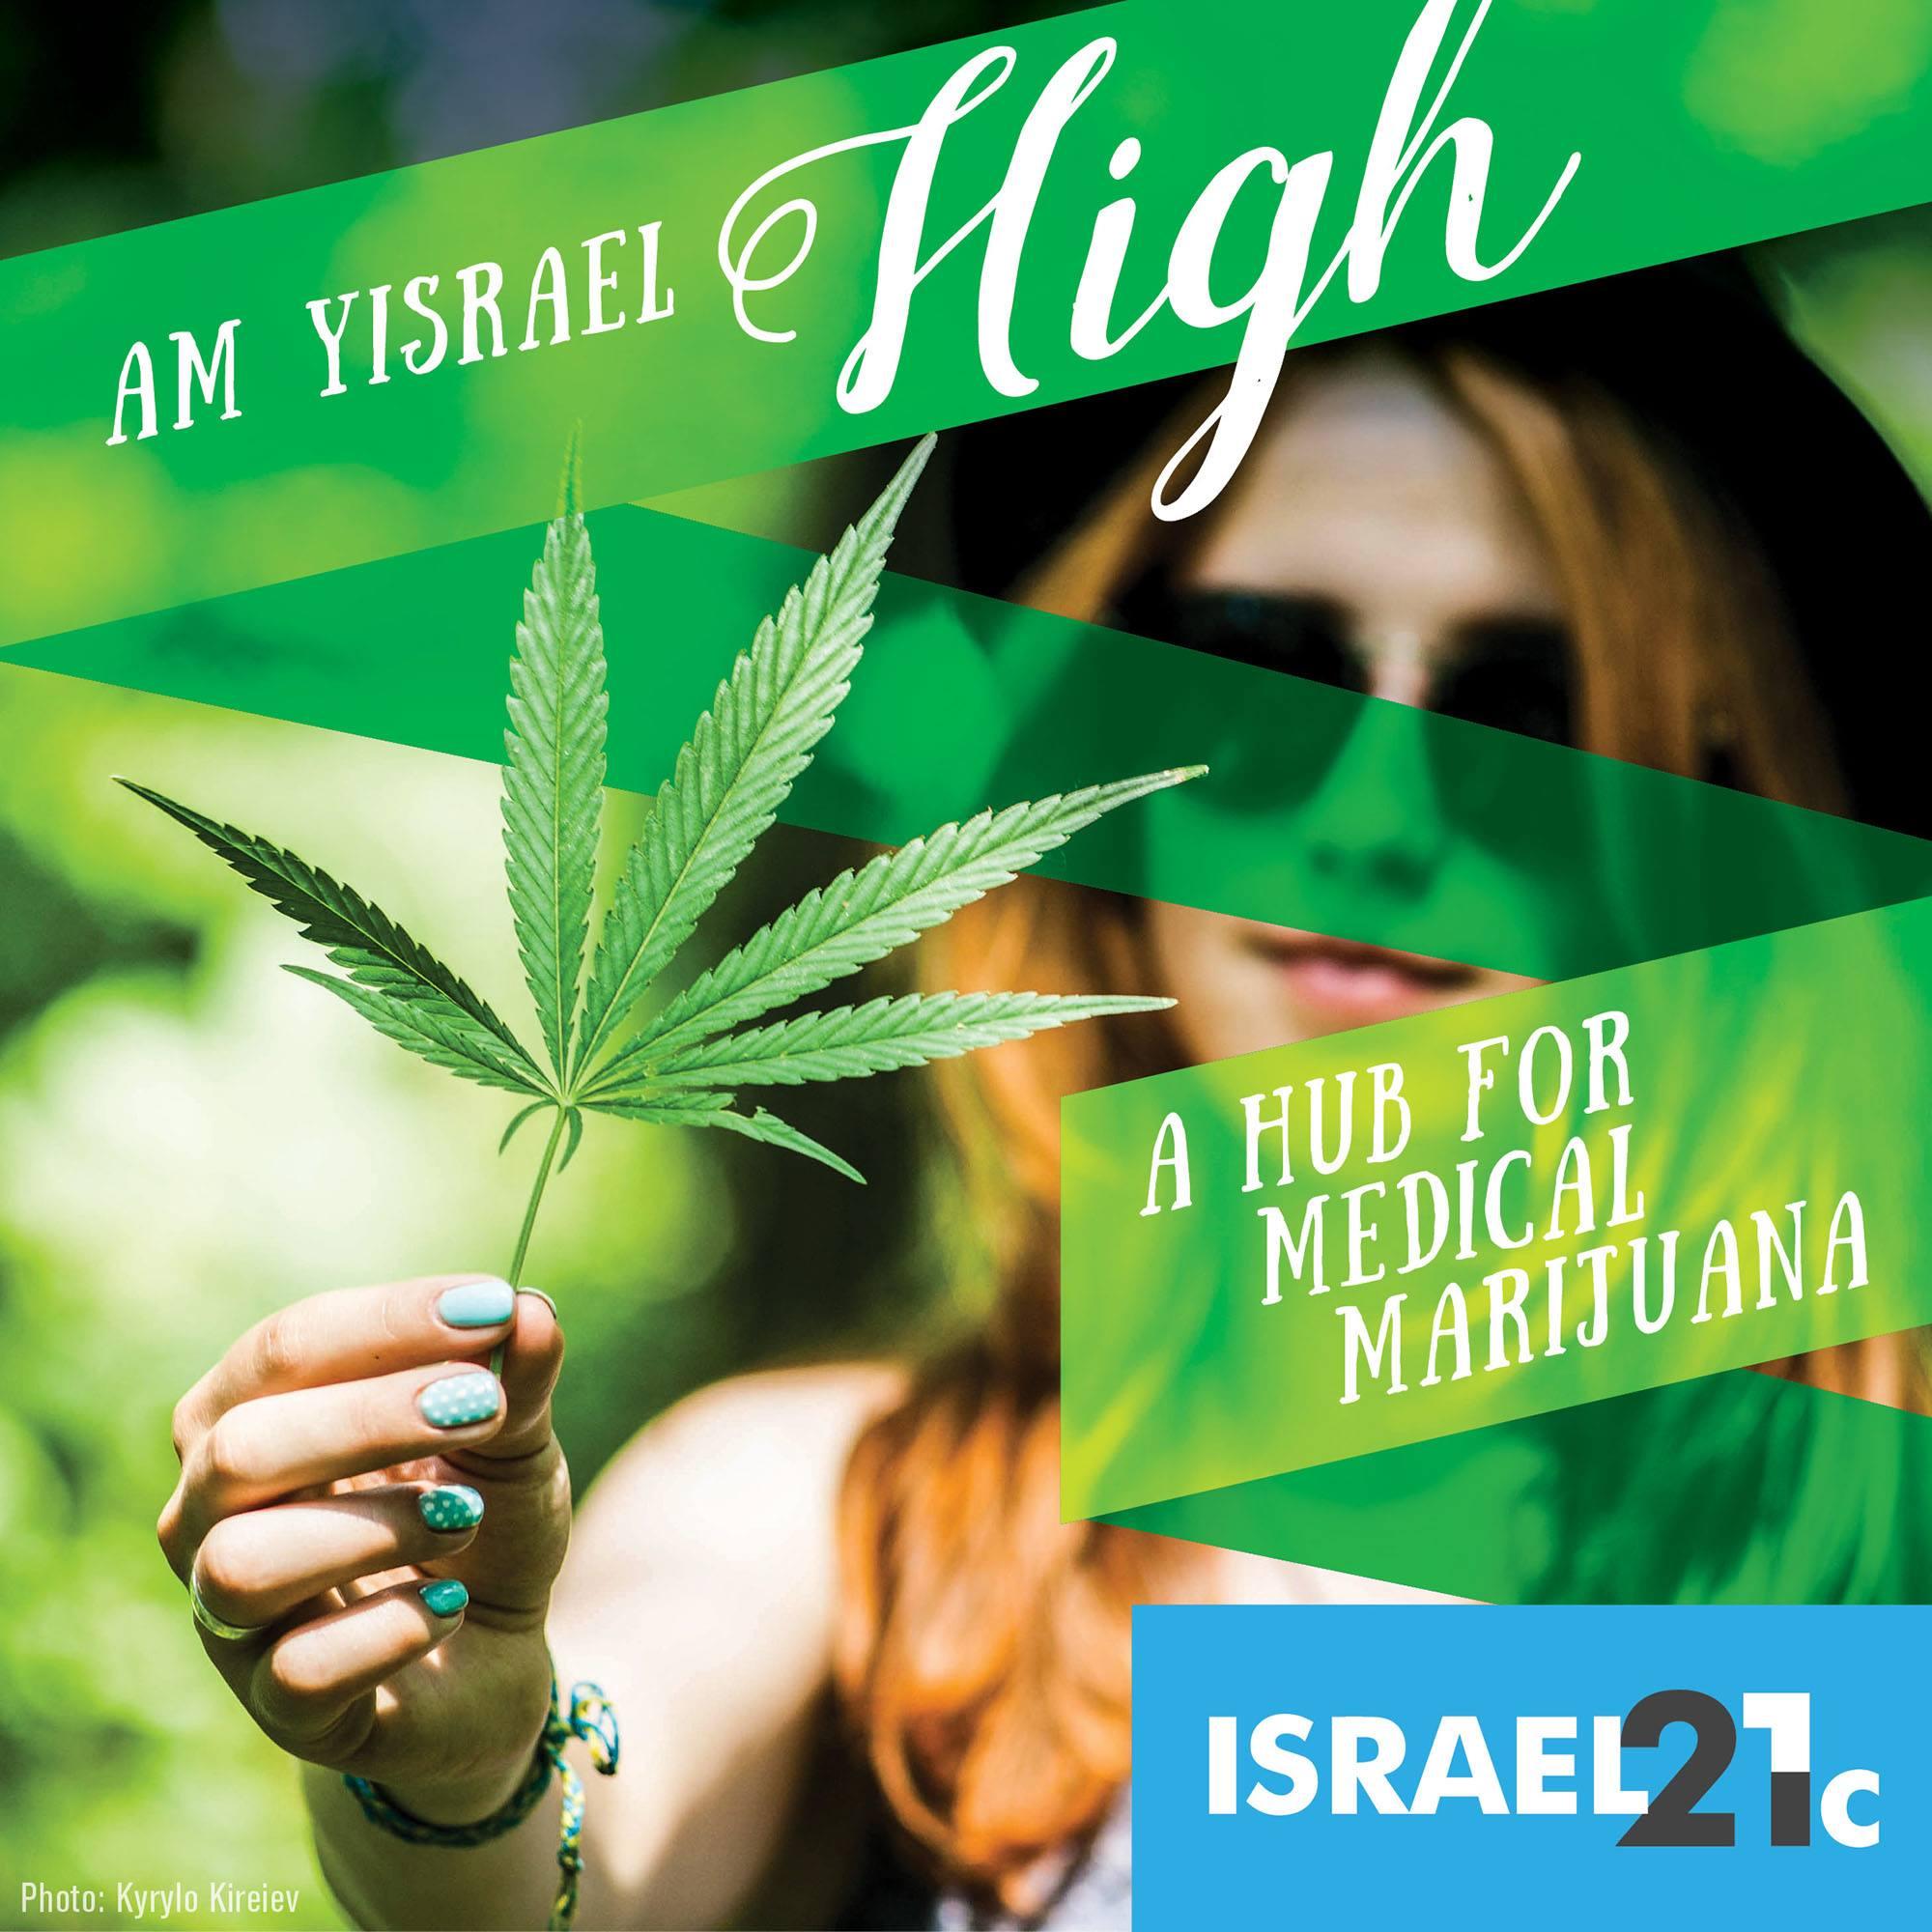 i21c hipster high.jpg